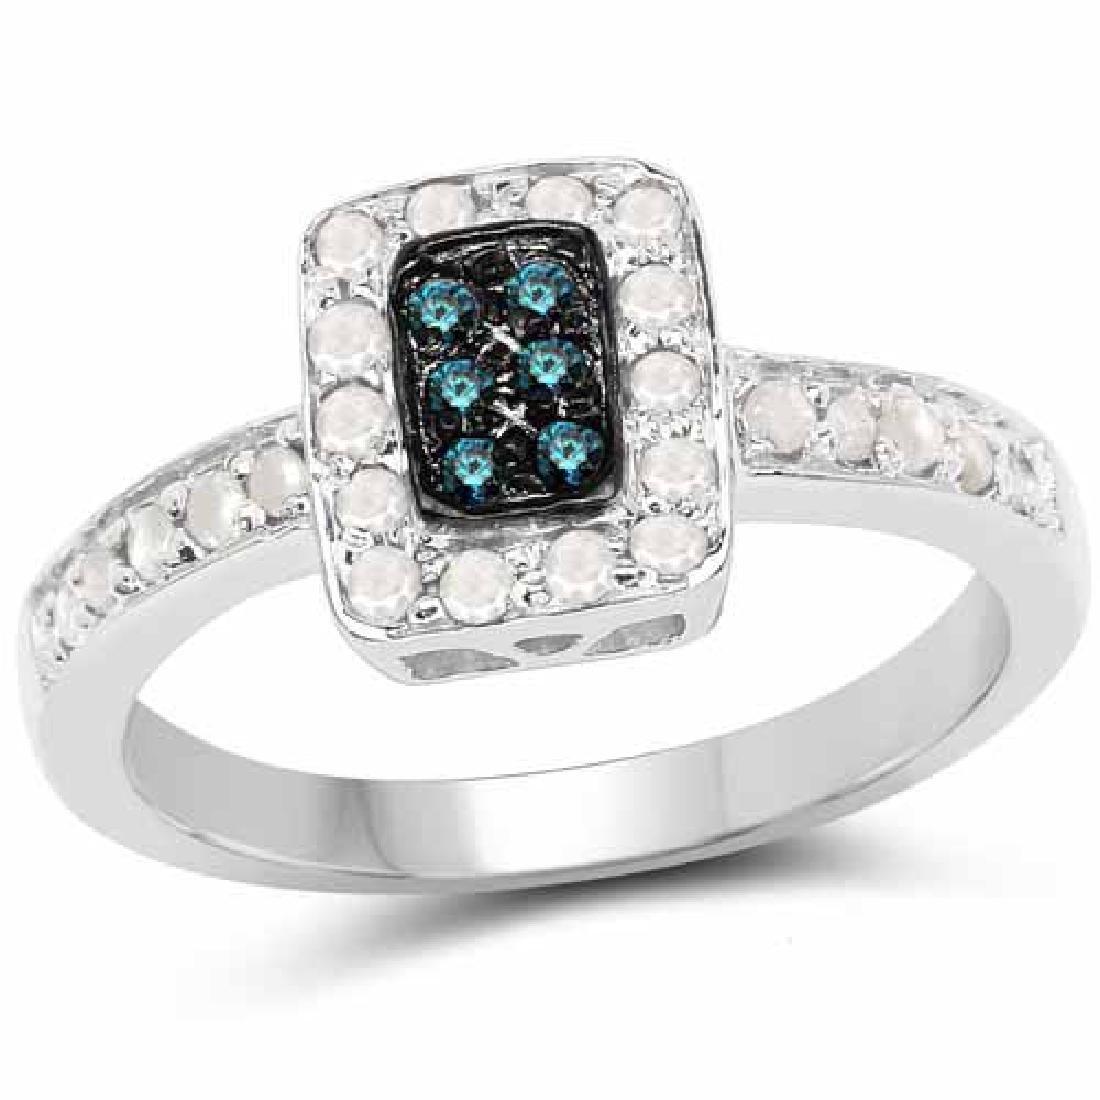 0.36 Carat Genuine Blue Diamond and White Diamond .925